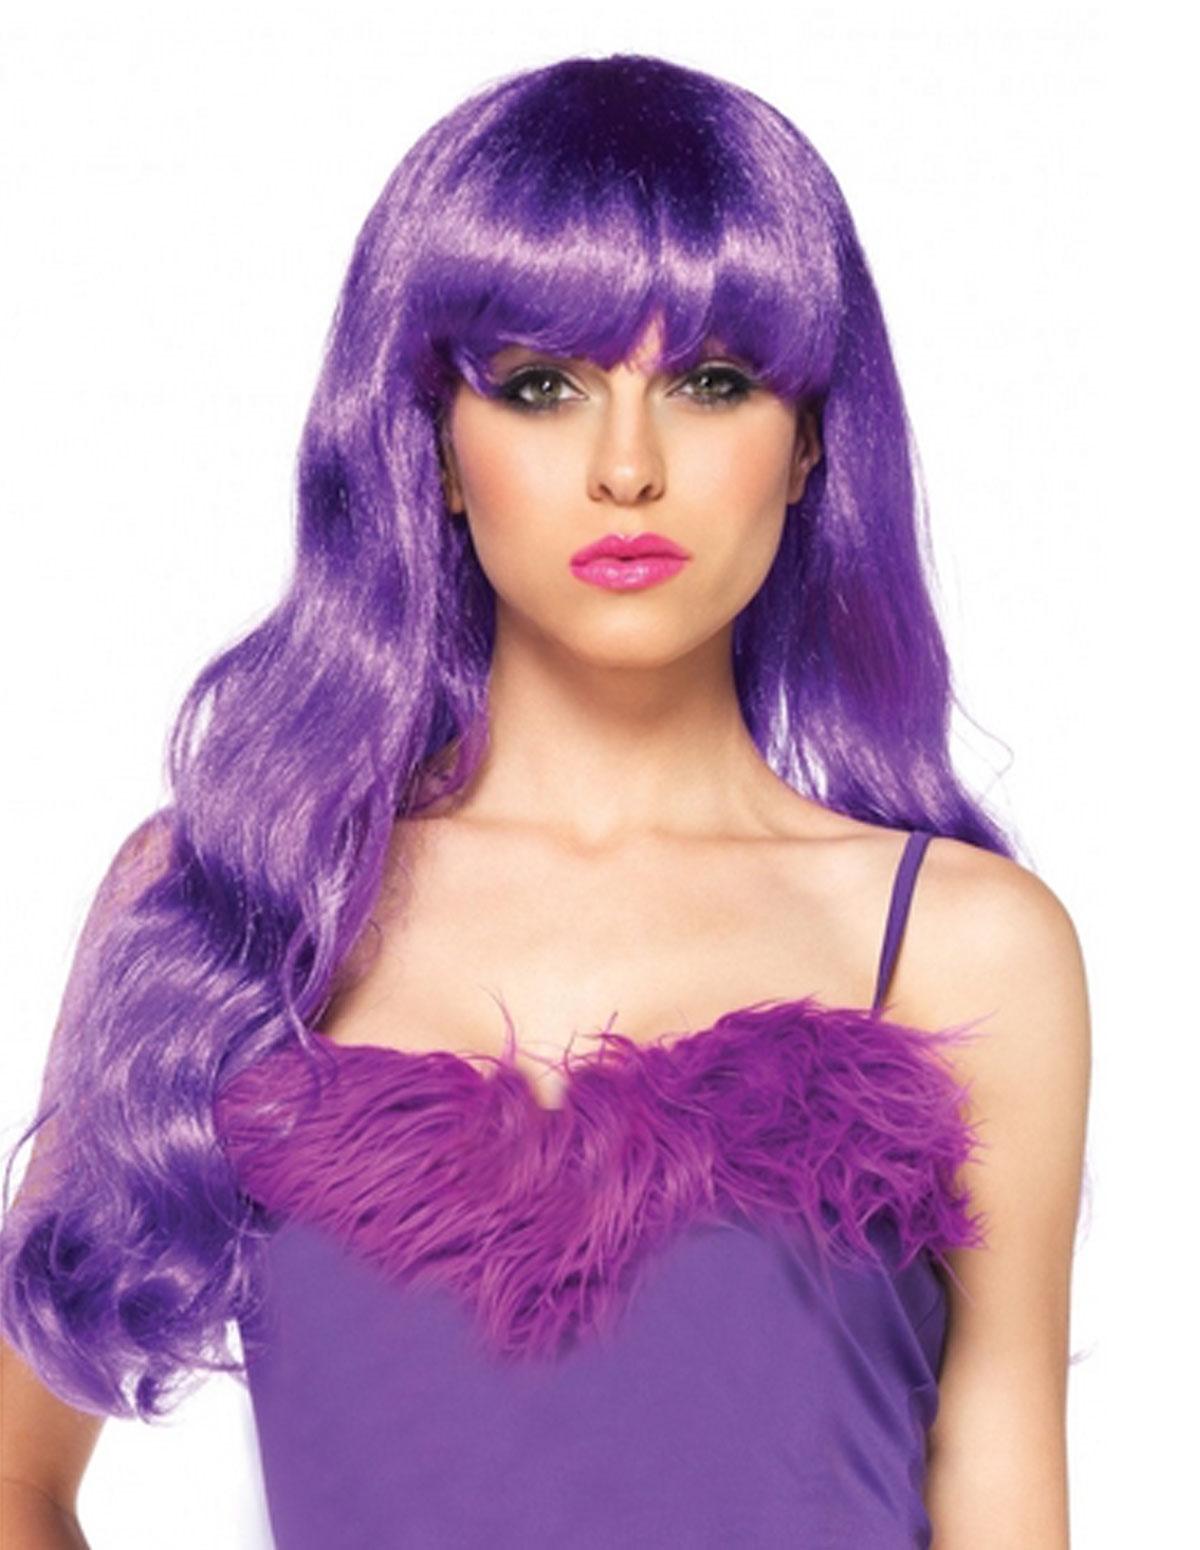 Neon Wavy Wig